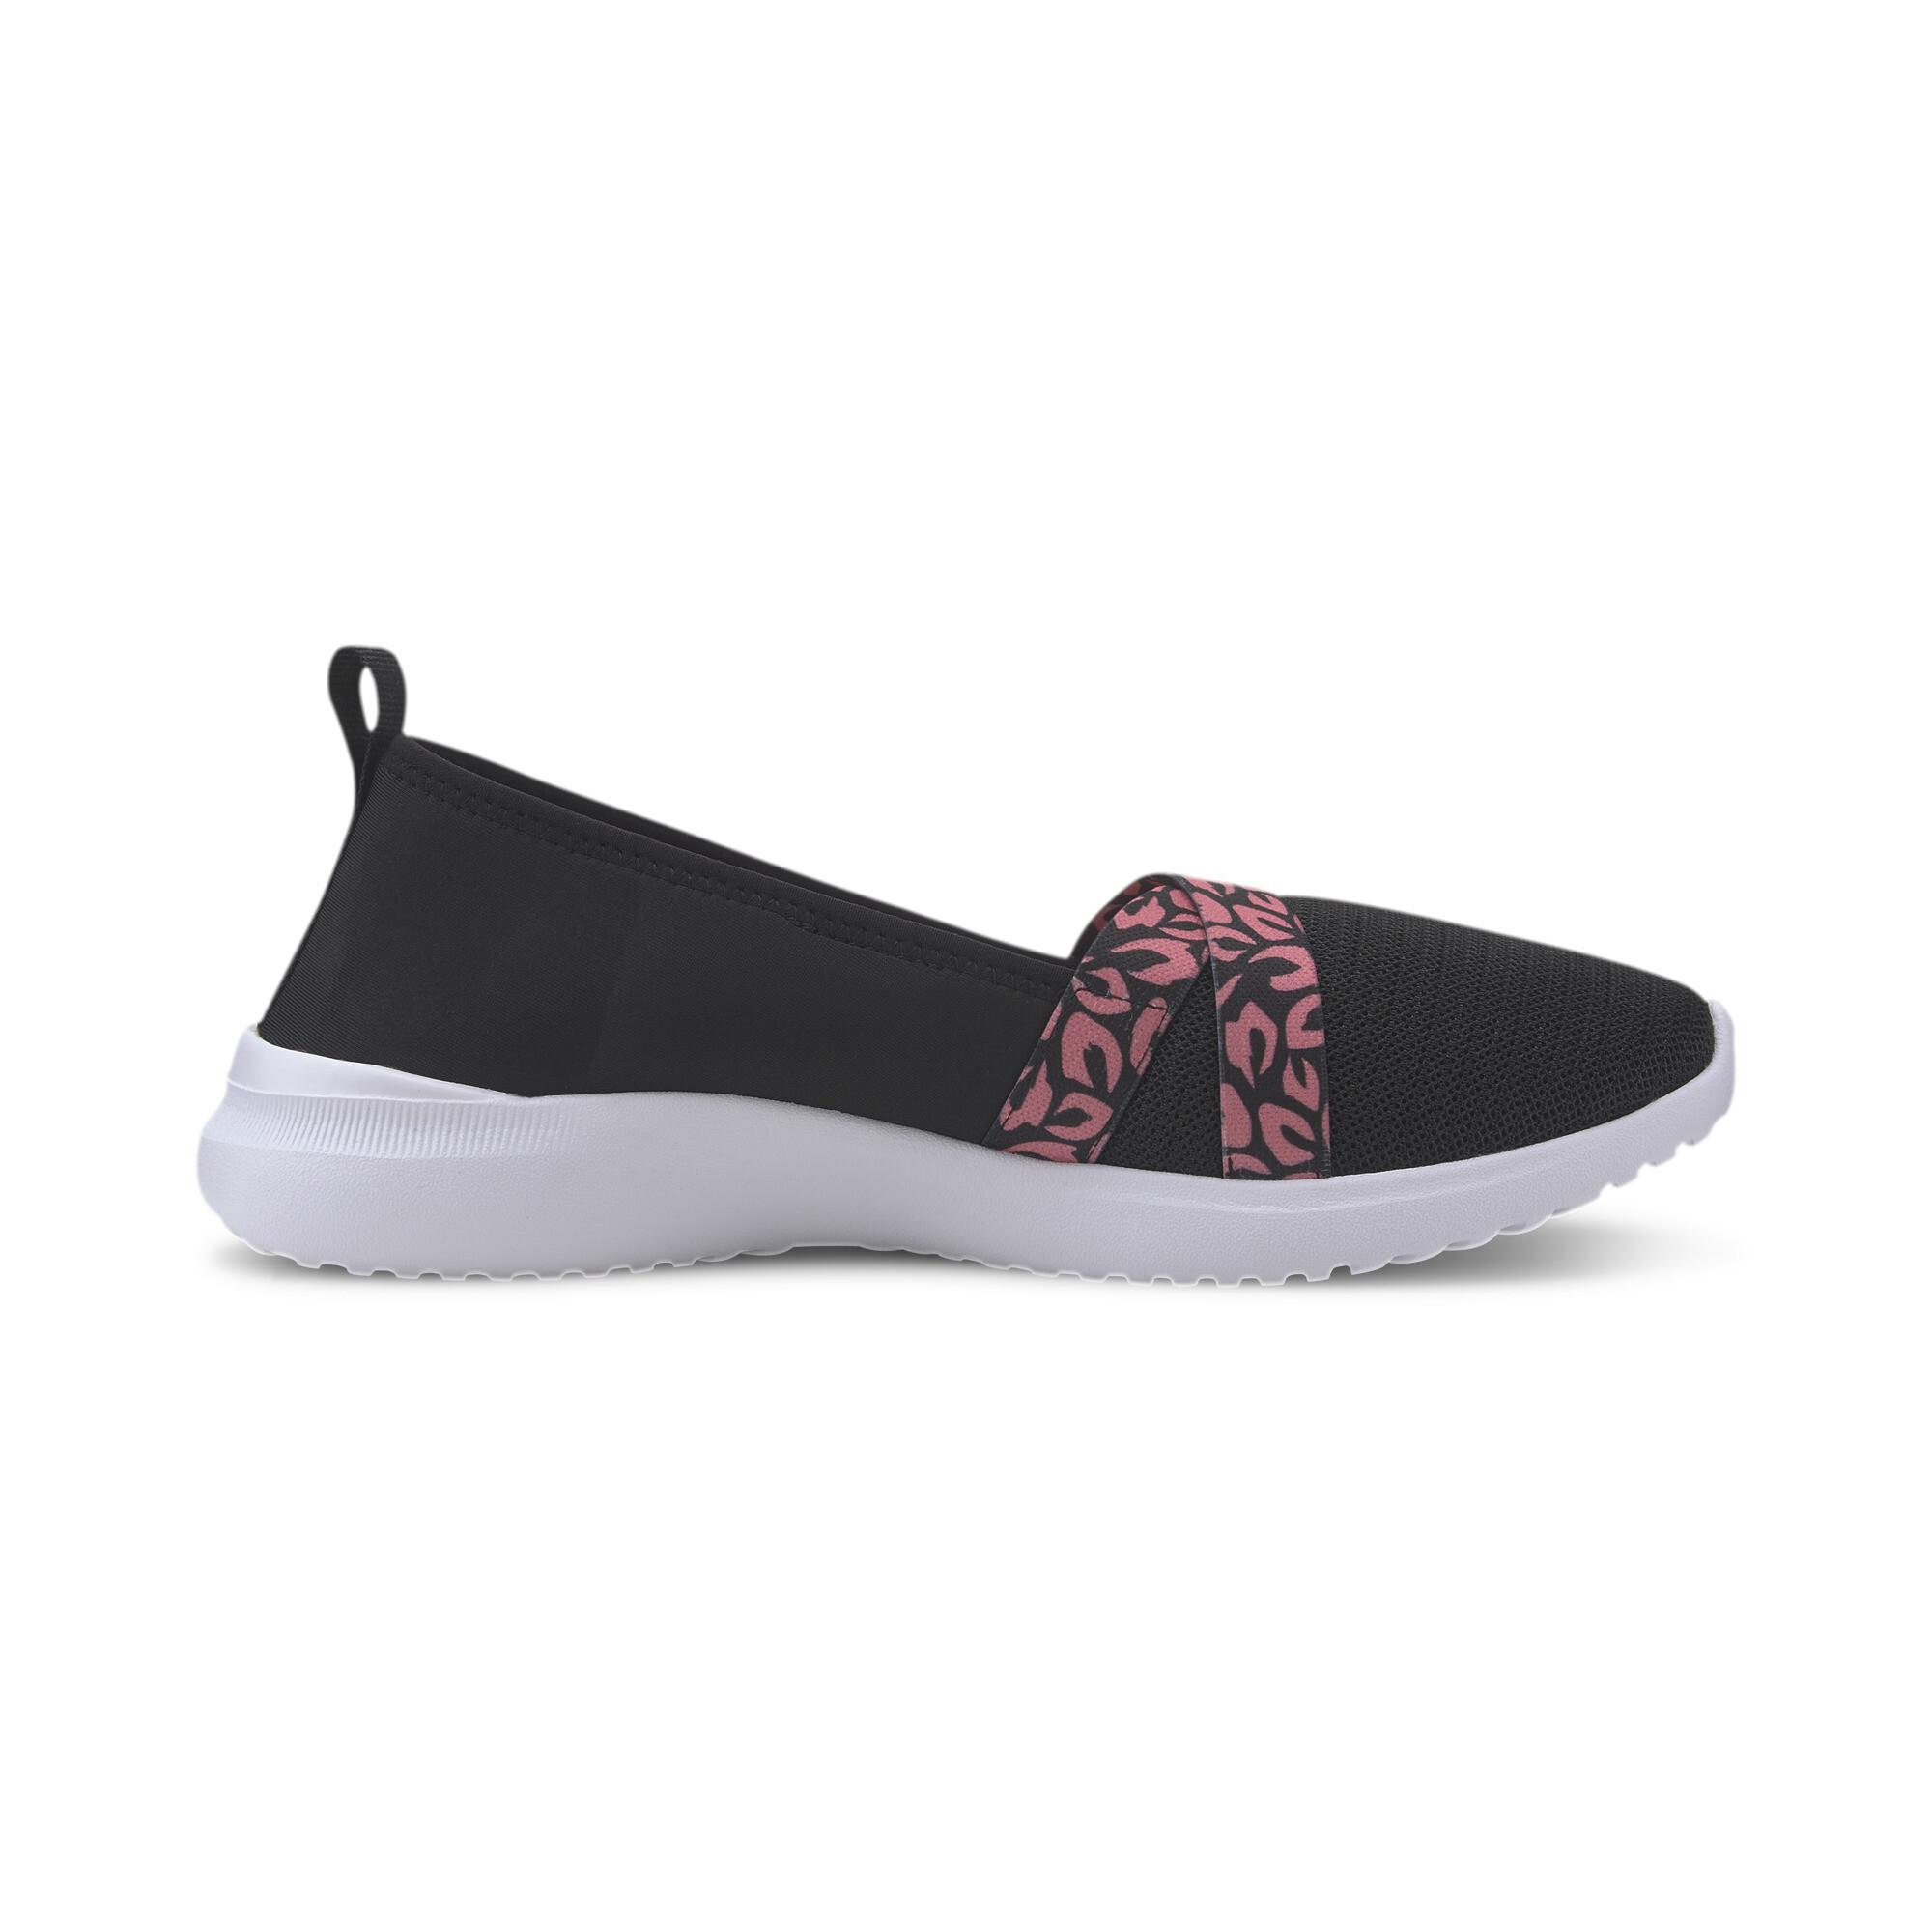 PUMA-Women-039-s-Adelina-Blossom-Ballet-Shoes thumbnail 7